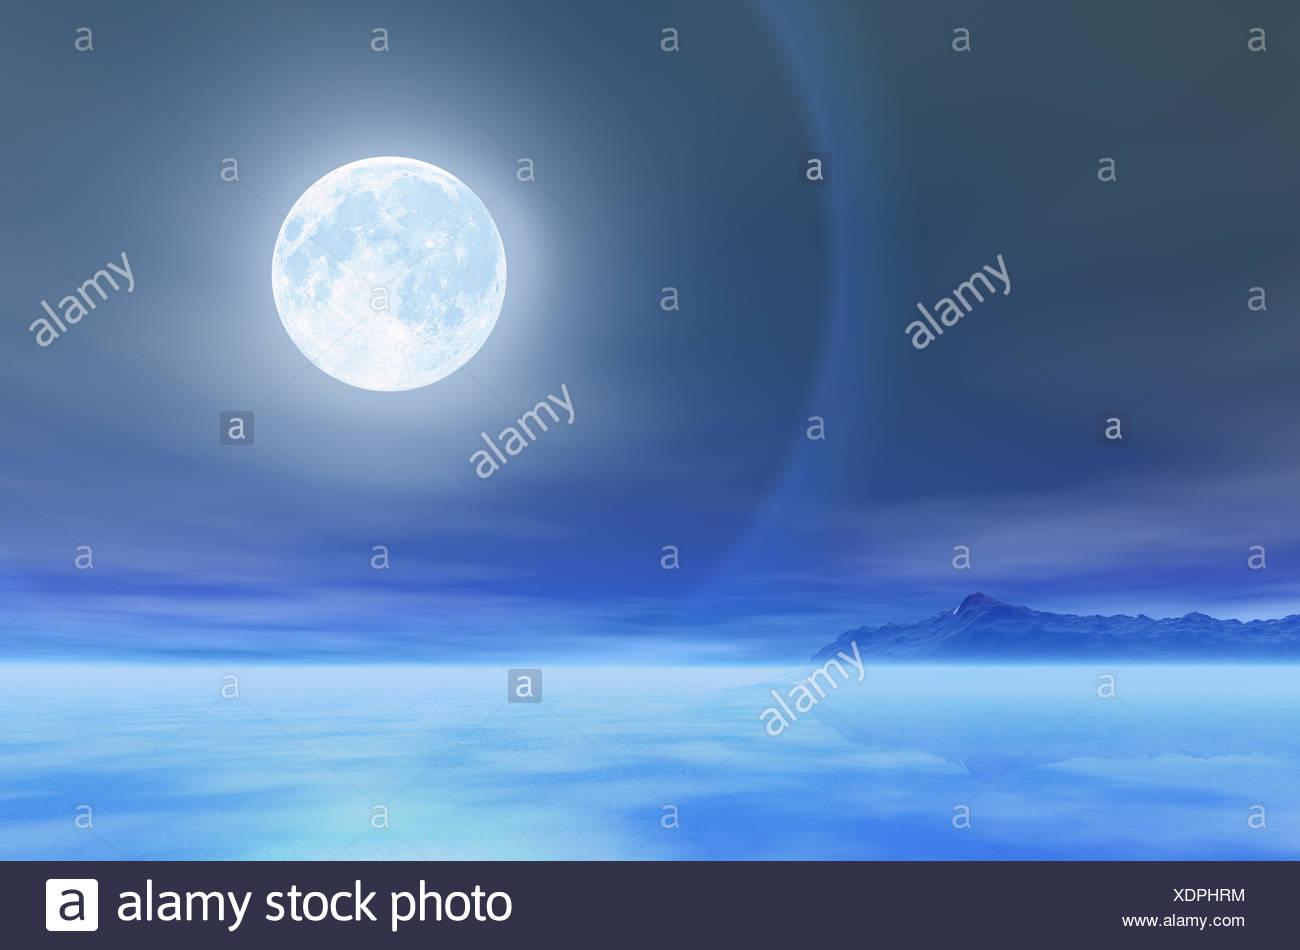 Nuit de lune lune bleue nuit pleine d'eau salée halo mer océan eau bleu nuit lune nuit pleine lune illustration Banque D'Images